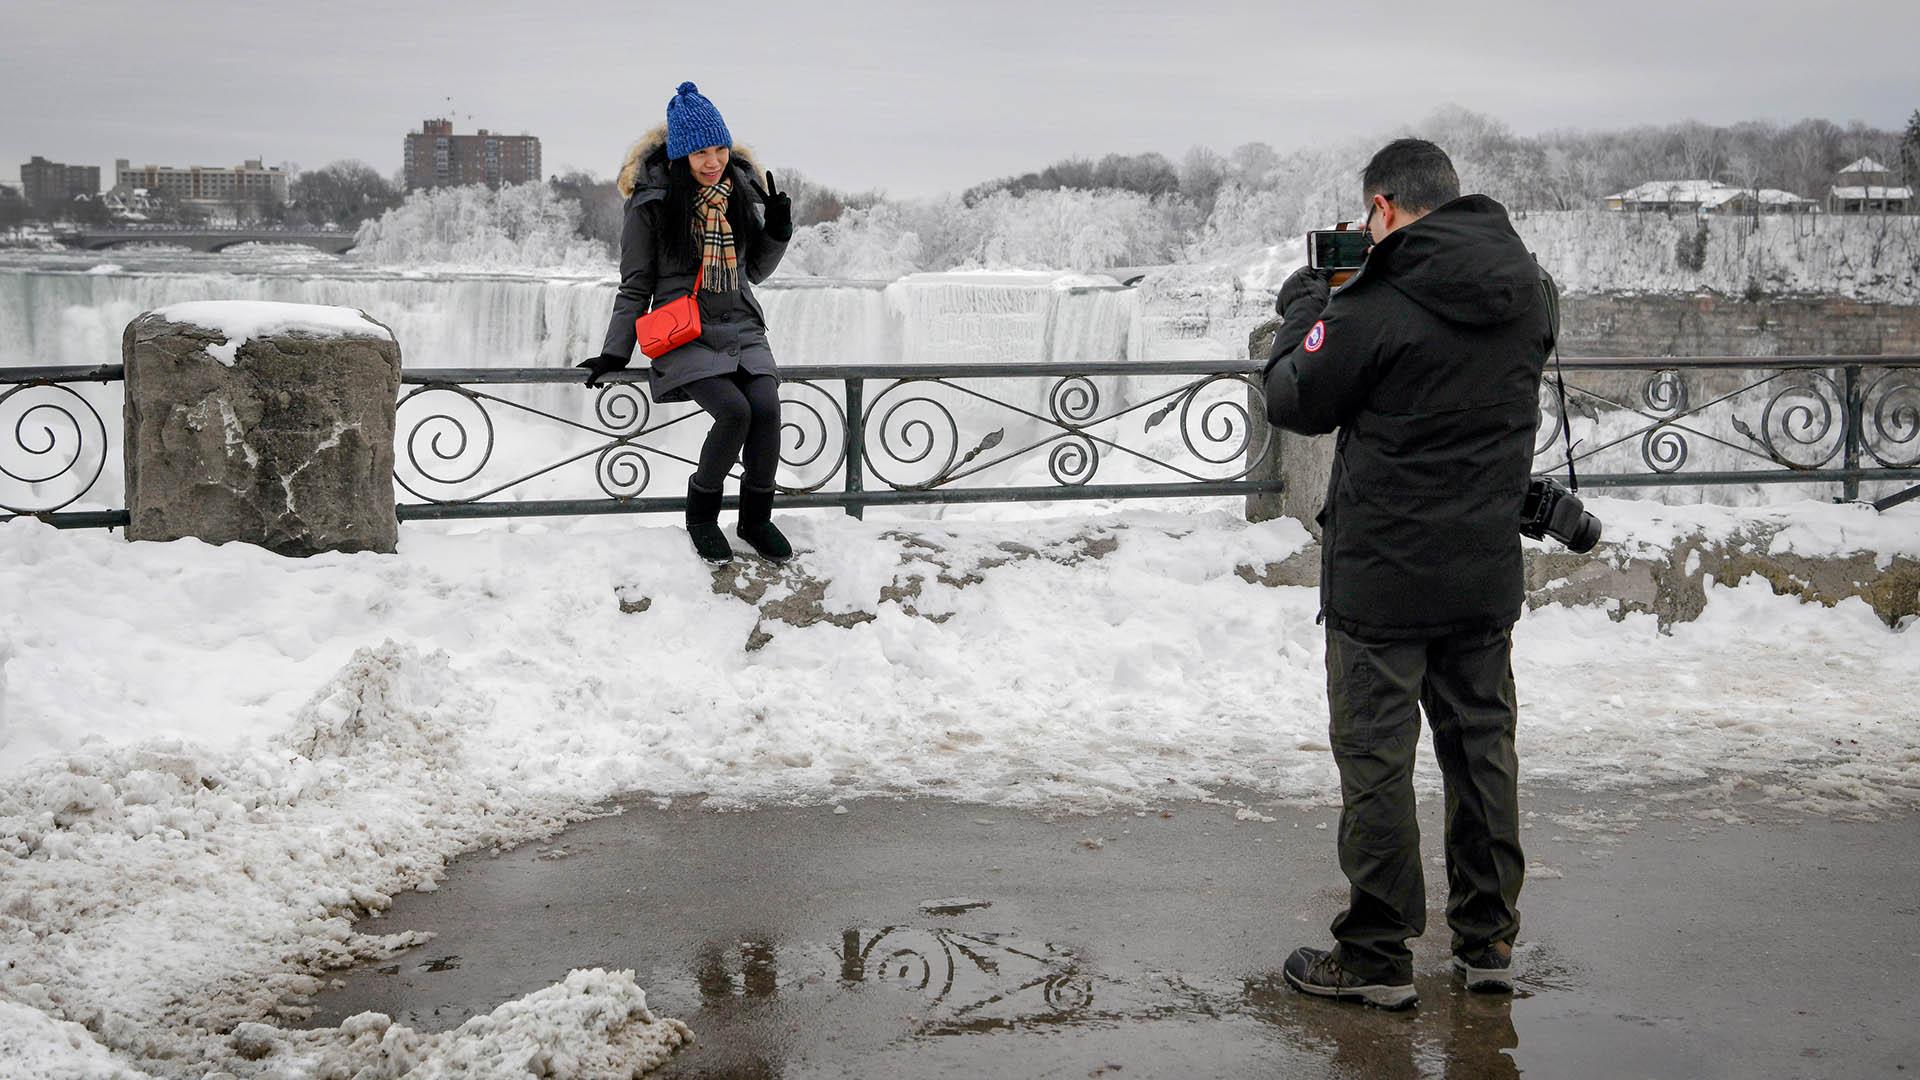 Los valientes que desafiaron el frío se llevaron para el recuerdo fotos con un panorama asombroso